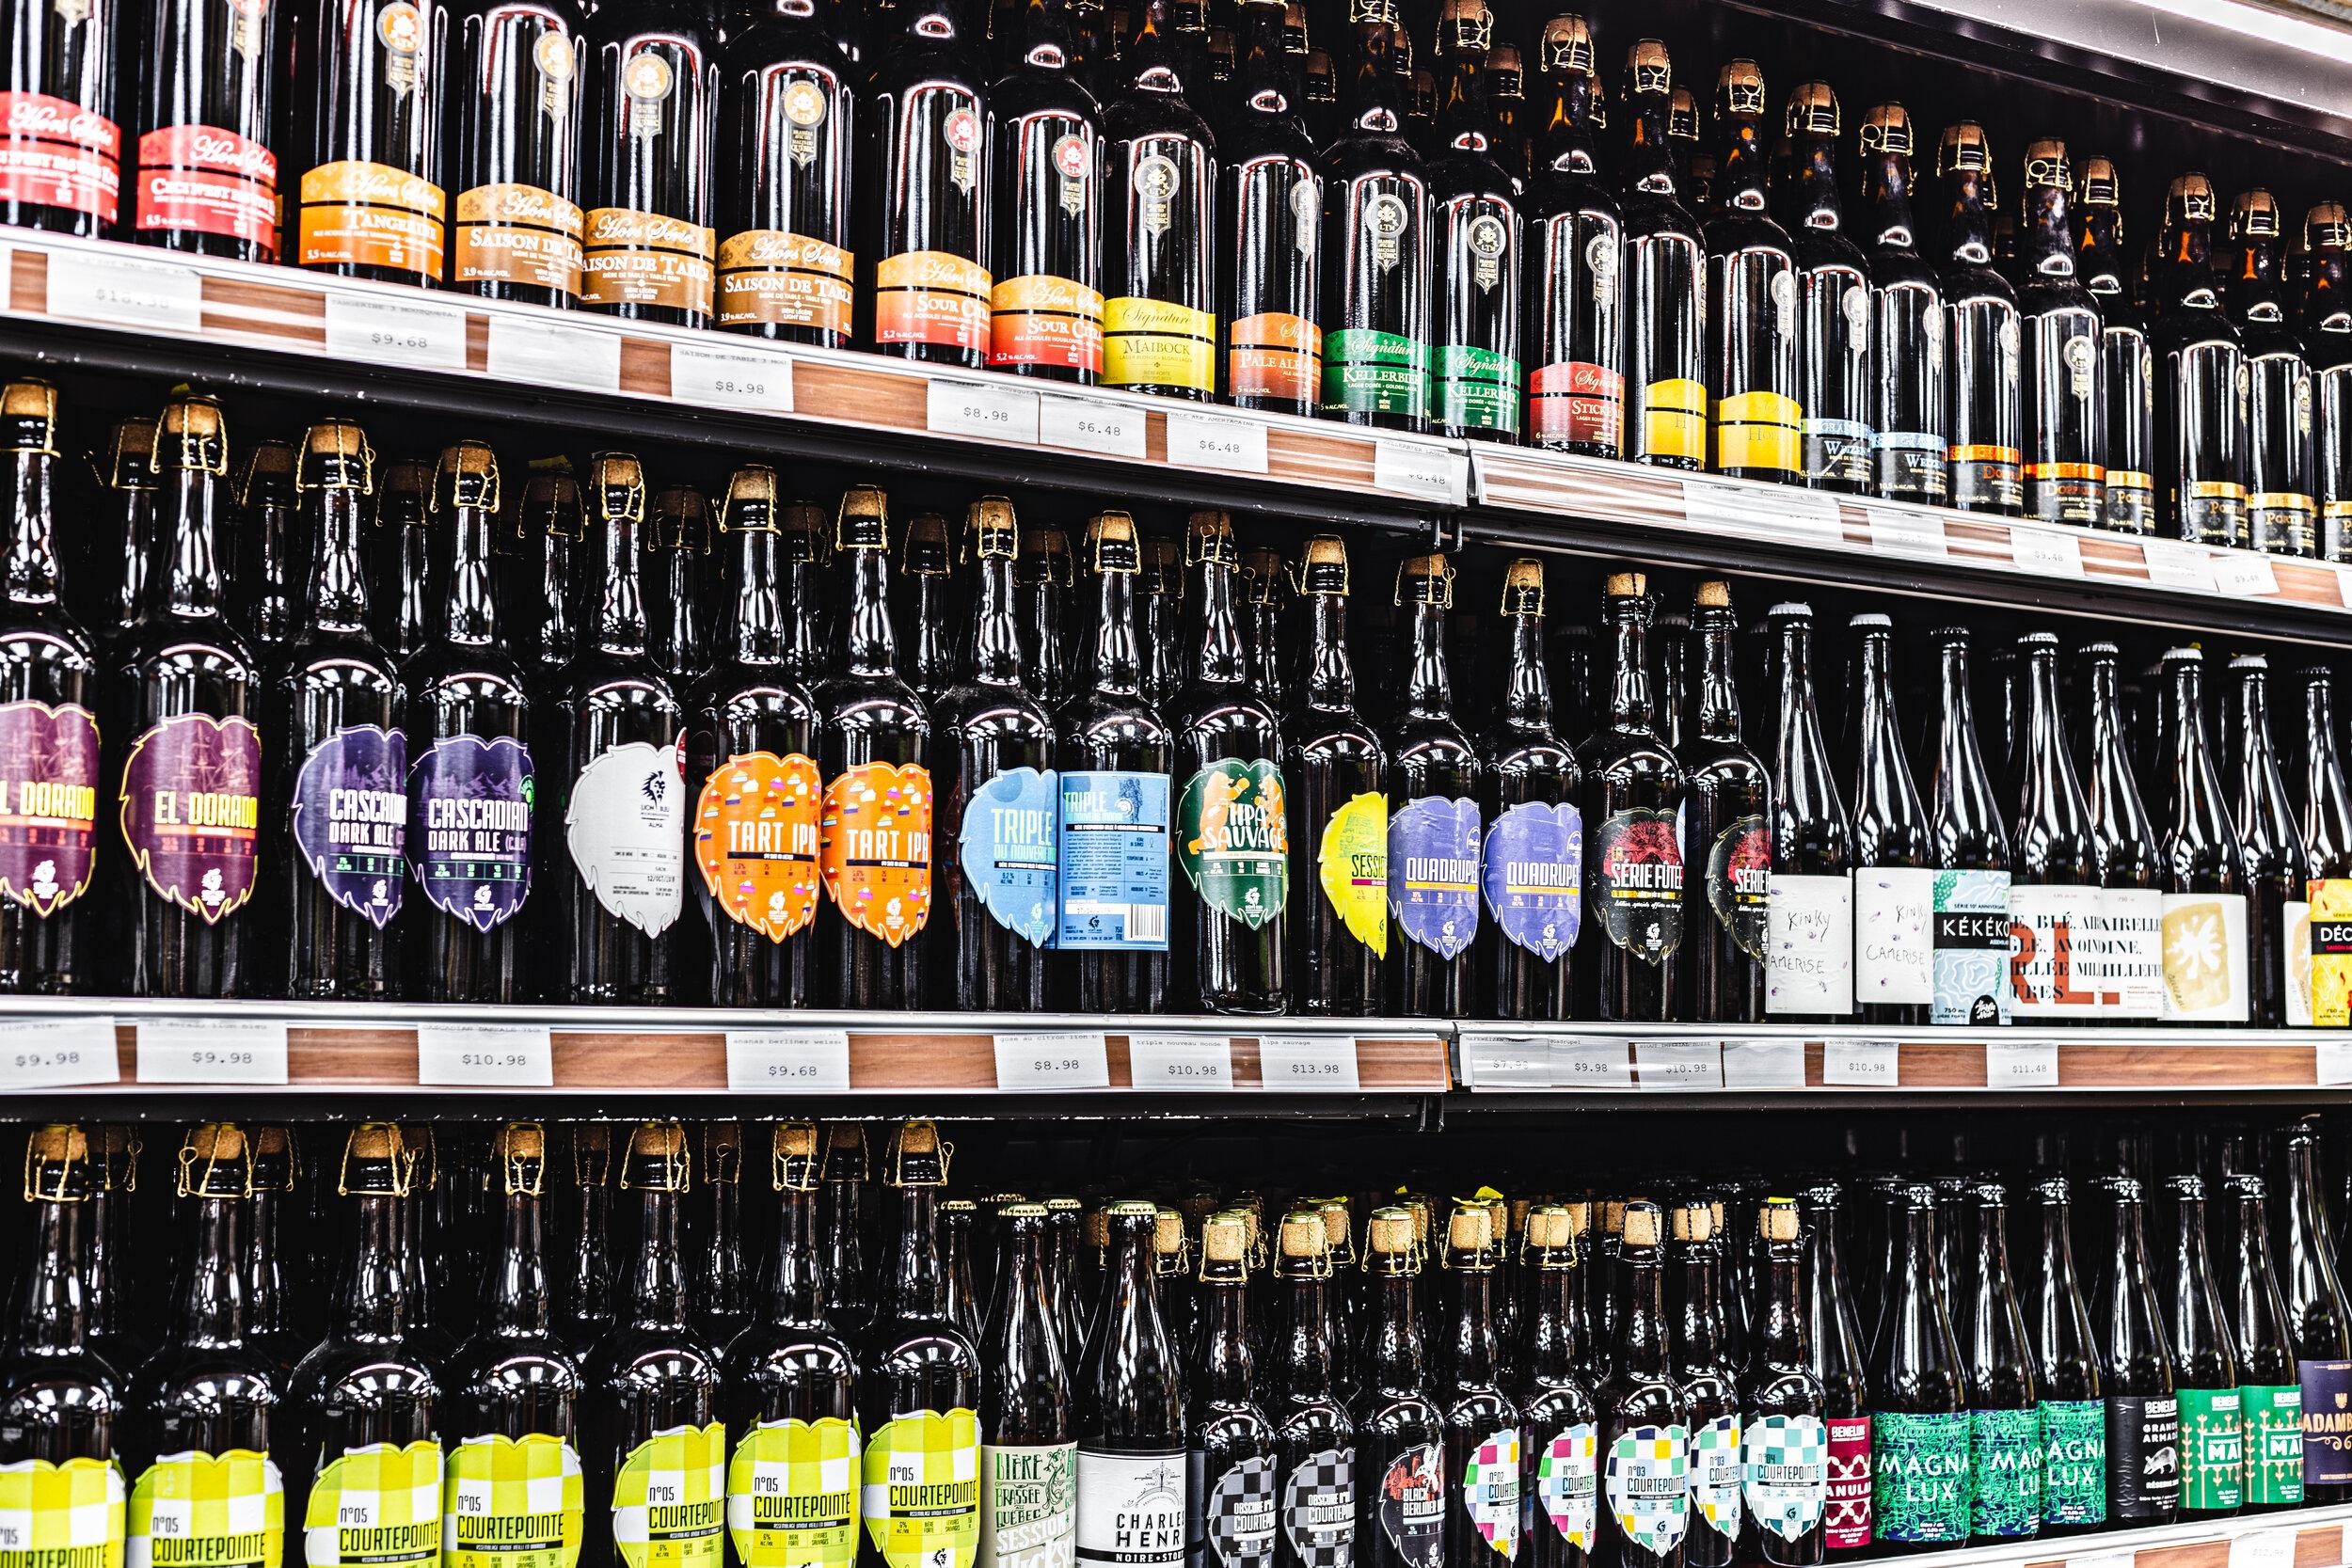 Boire local - Parce que prendre une bière de chez nous sa fait pas de tord